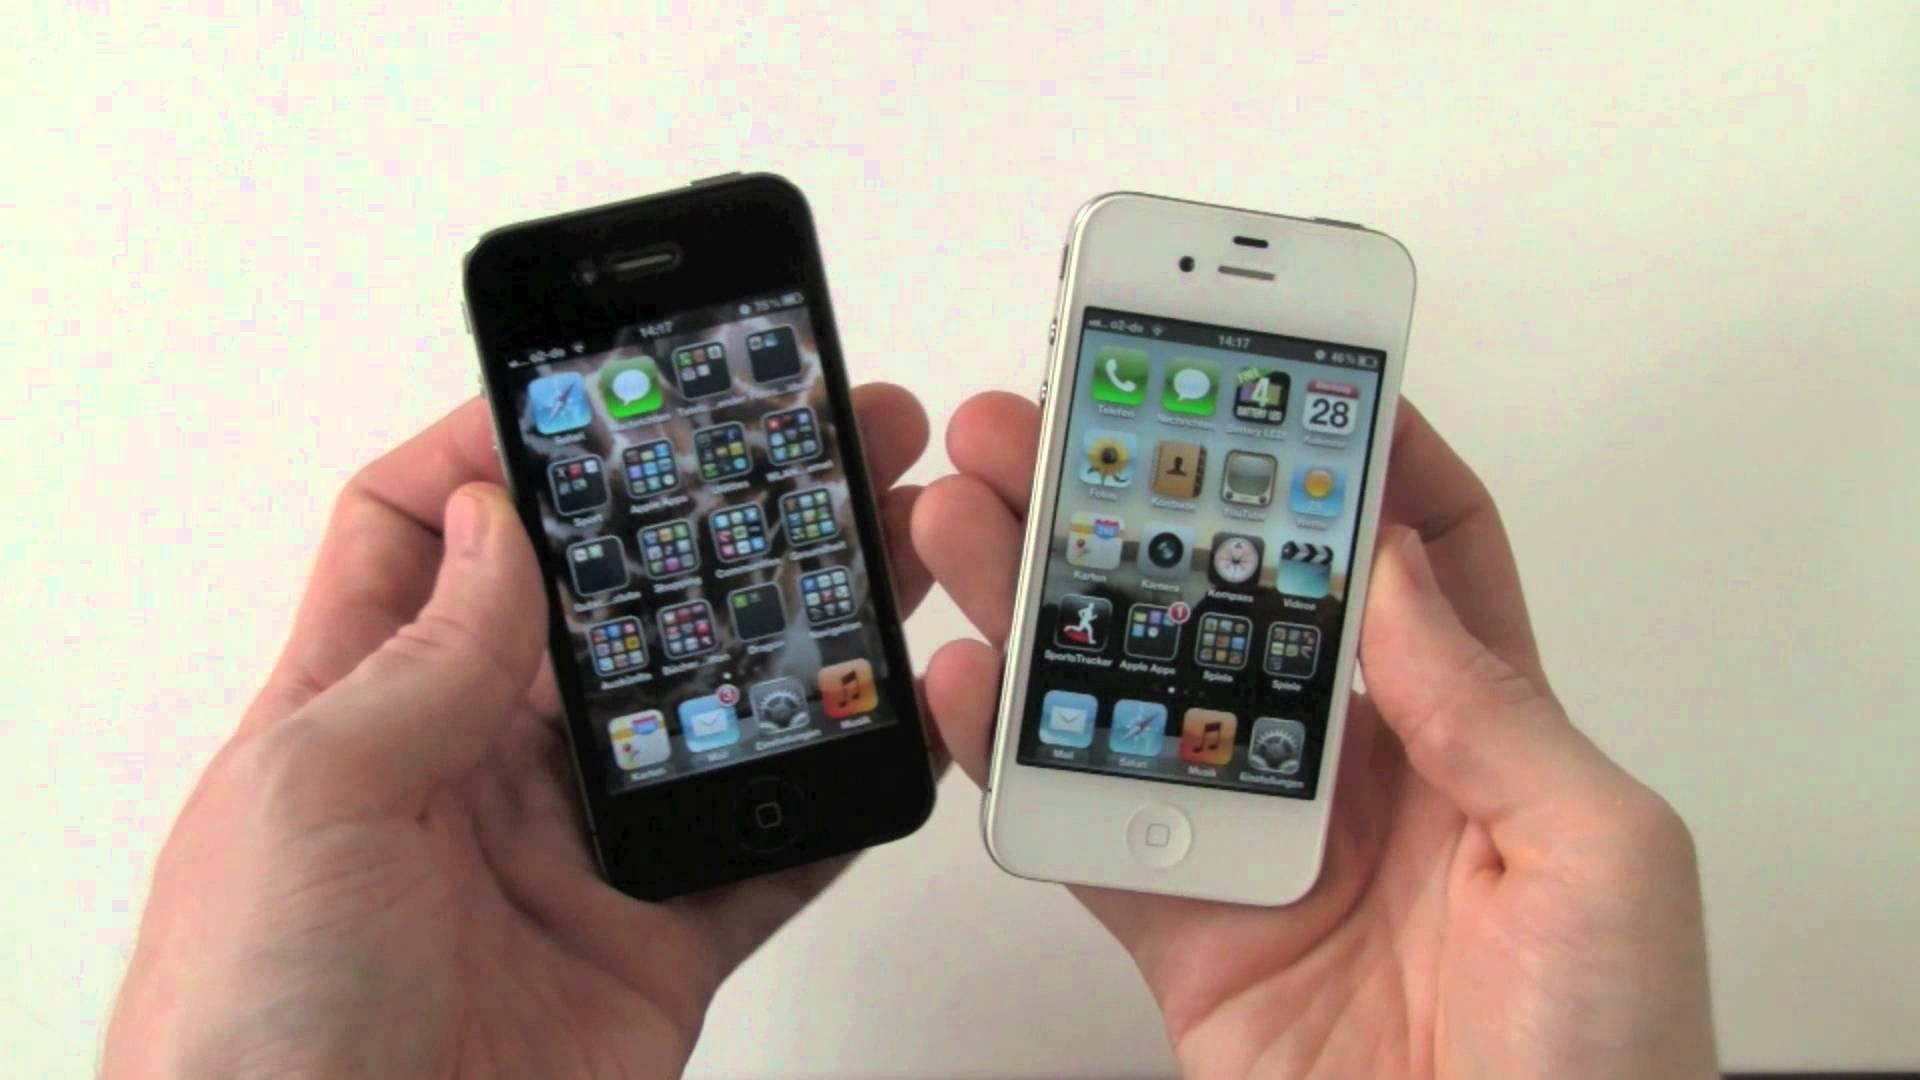 iPhone 4 black vs white comparison - YouTube